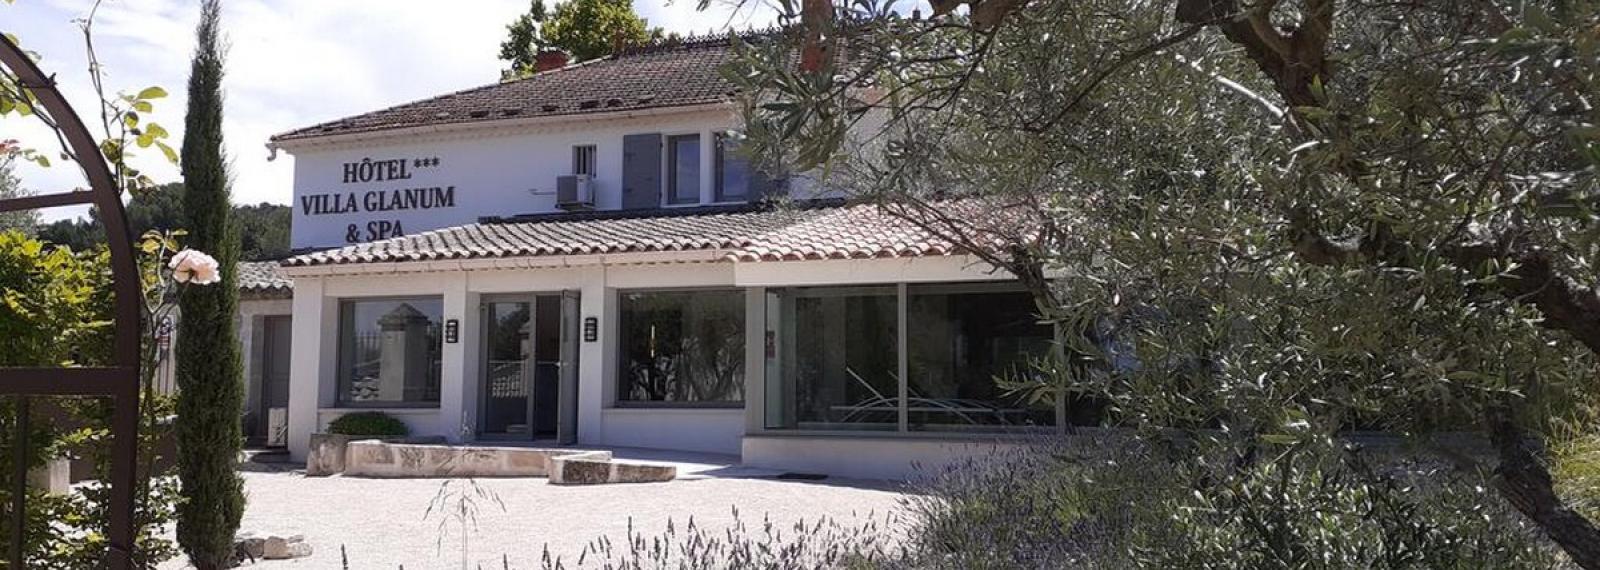 Hôtel Villa Glanum & spa à Saint-Rémy-de-Provence